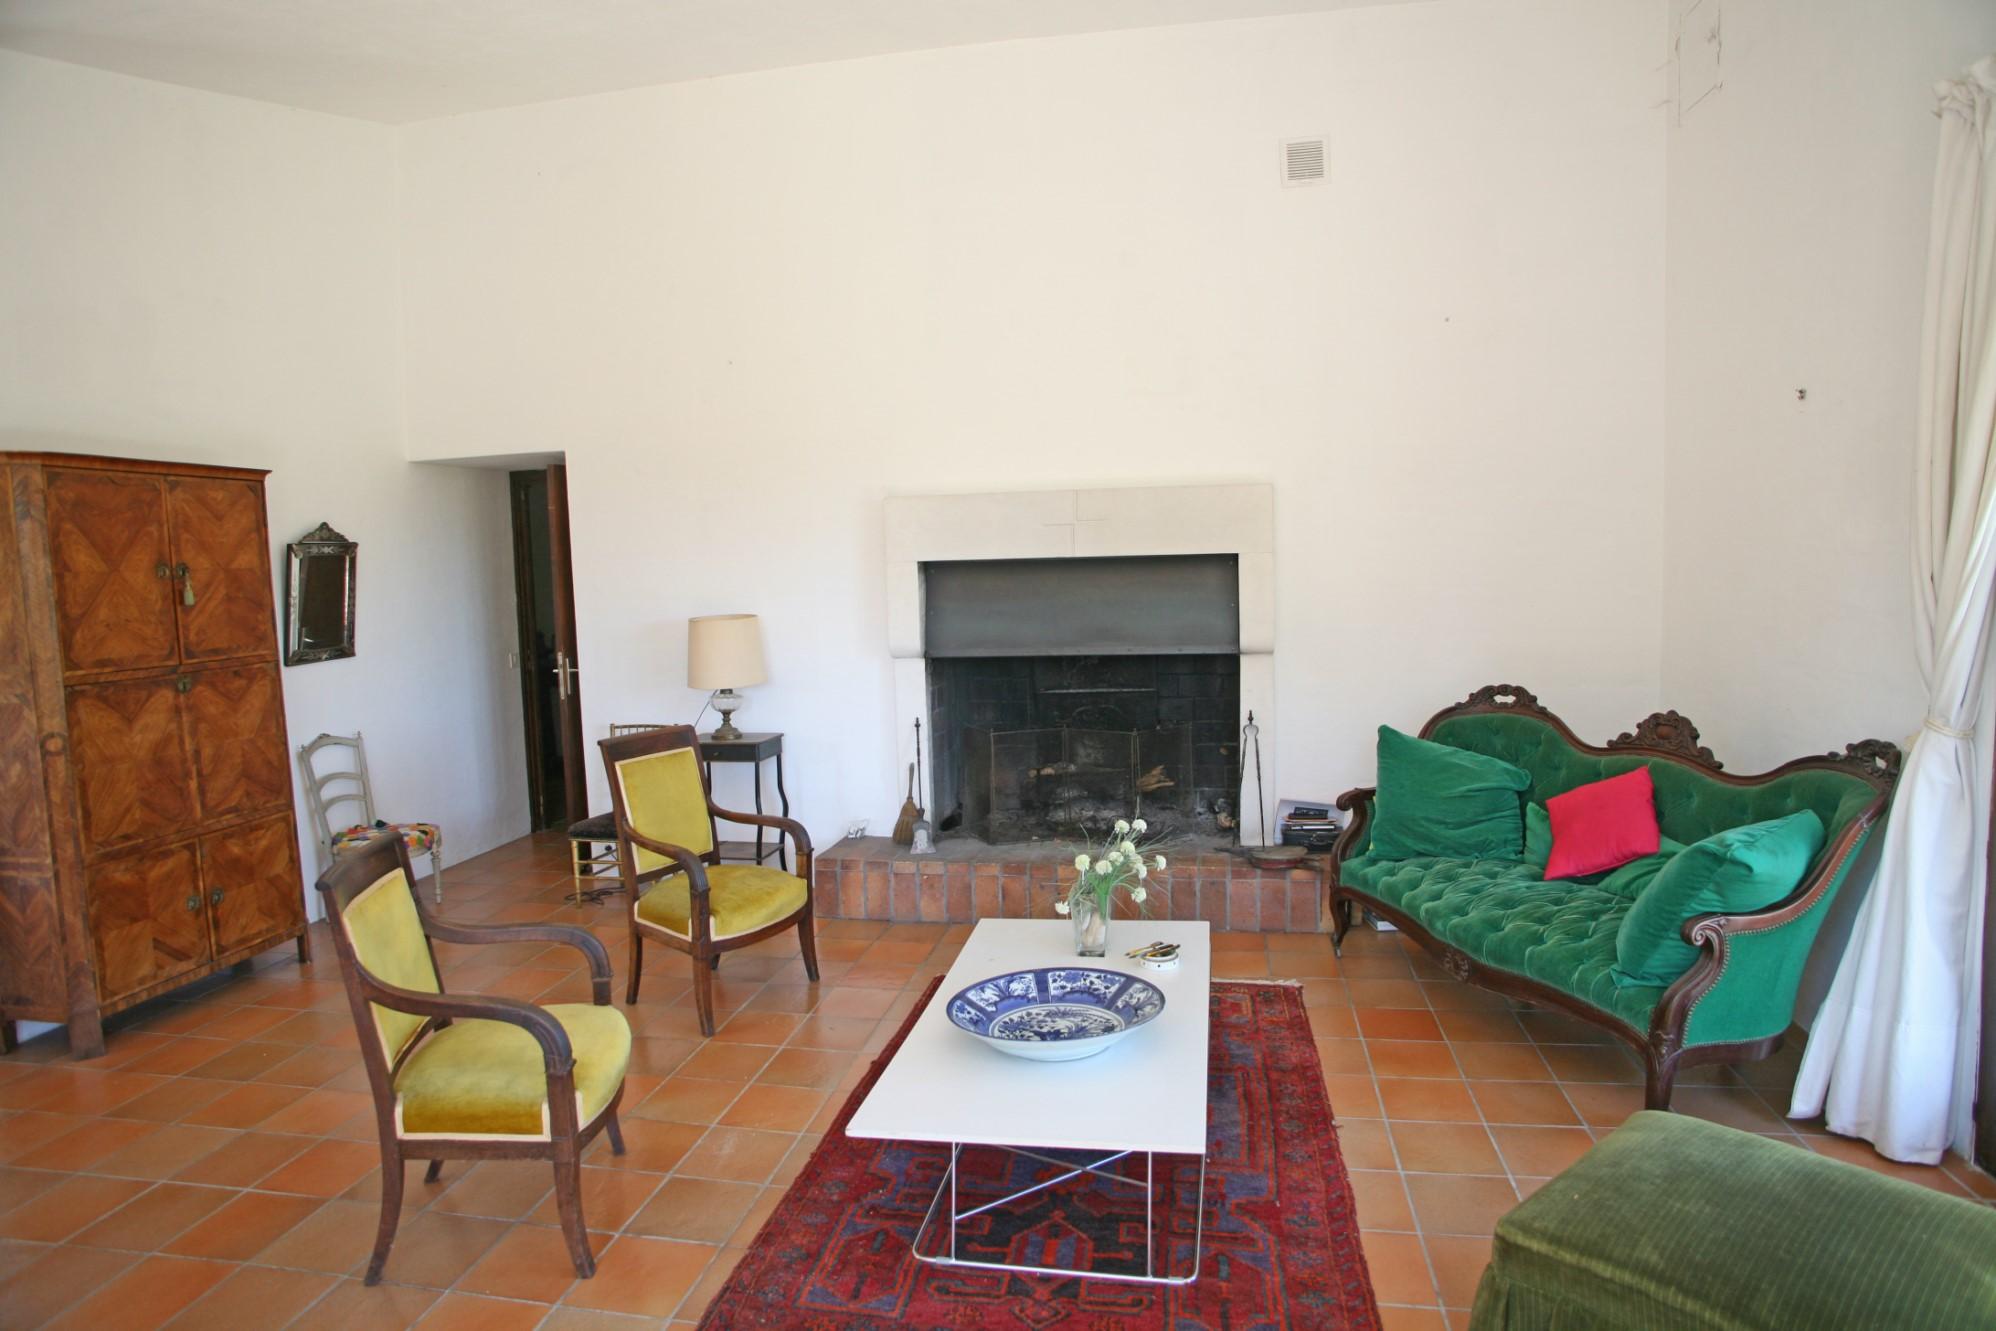 A vendre en Luberon, maison contemporaine sur deux hectares avec belles vues